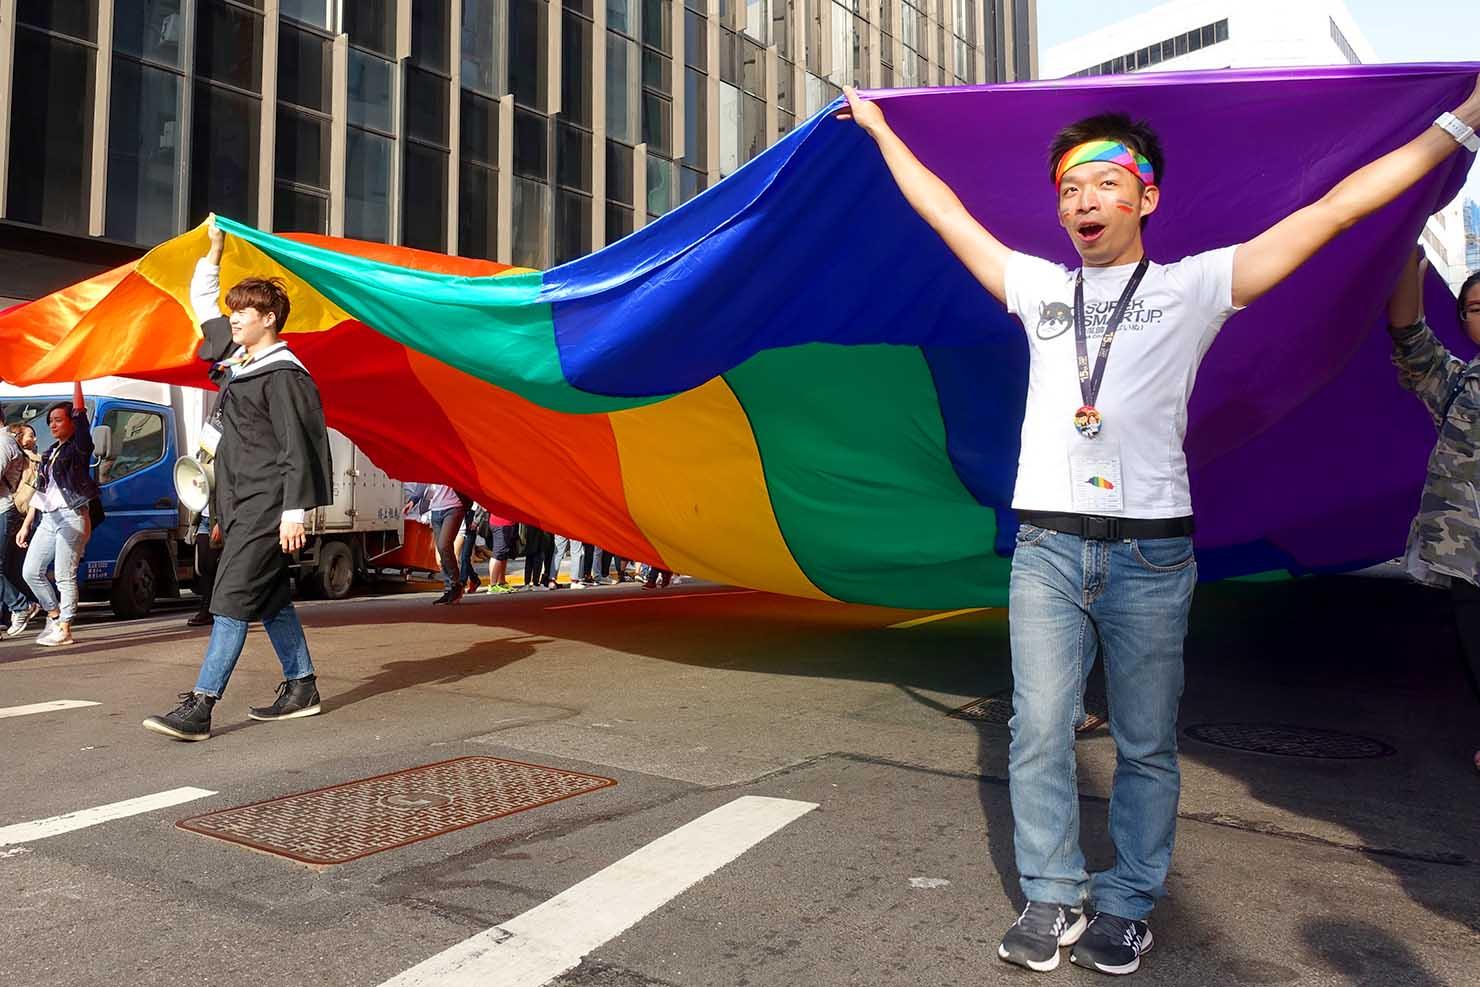 台湾LGBTプライド(台灣同志遊行)2017で巨大レインボーフラッグを掲げる先頭集団